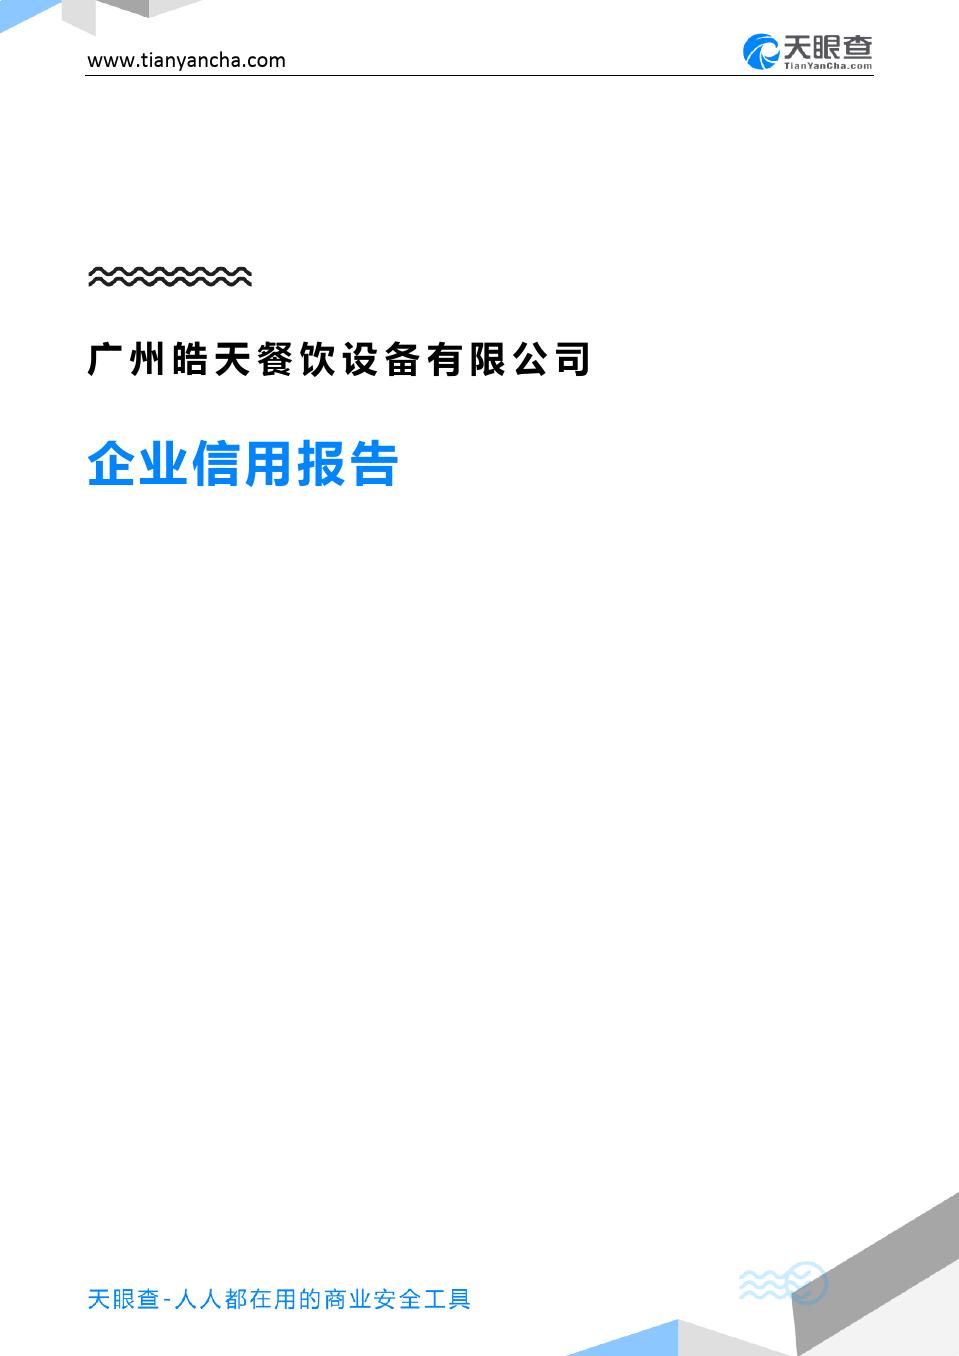 广州皓天餐饮设备有限公司(企业信用报告)- 天眼查